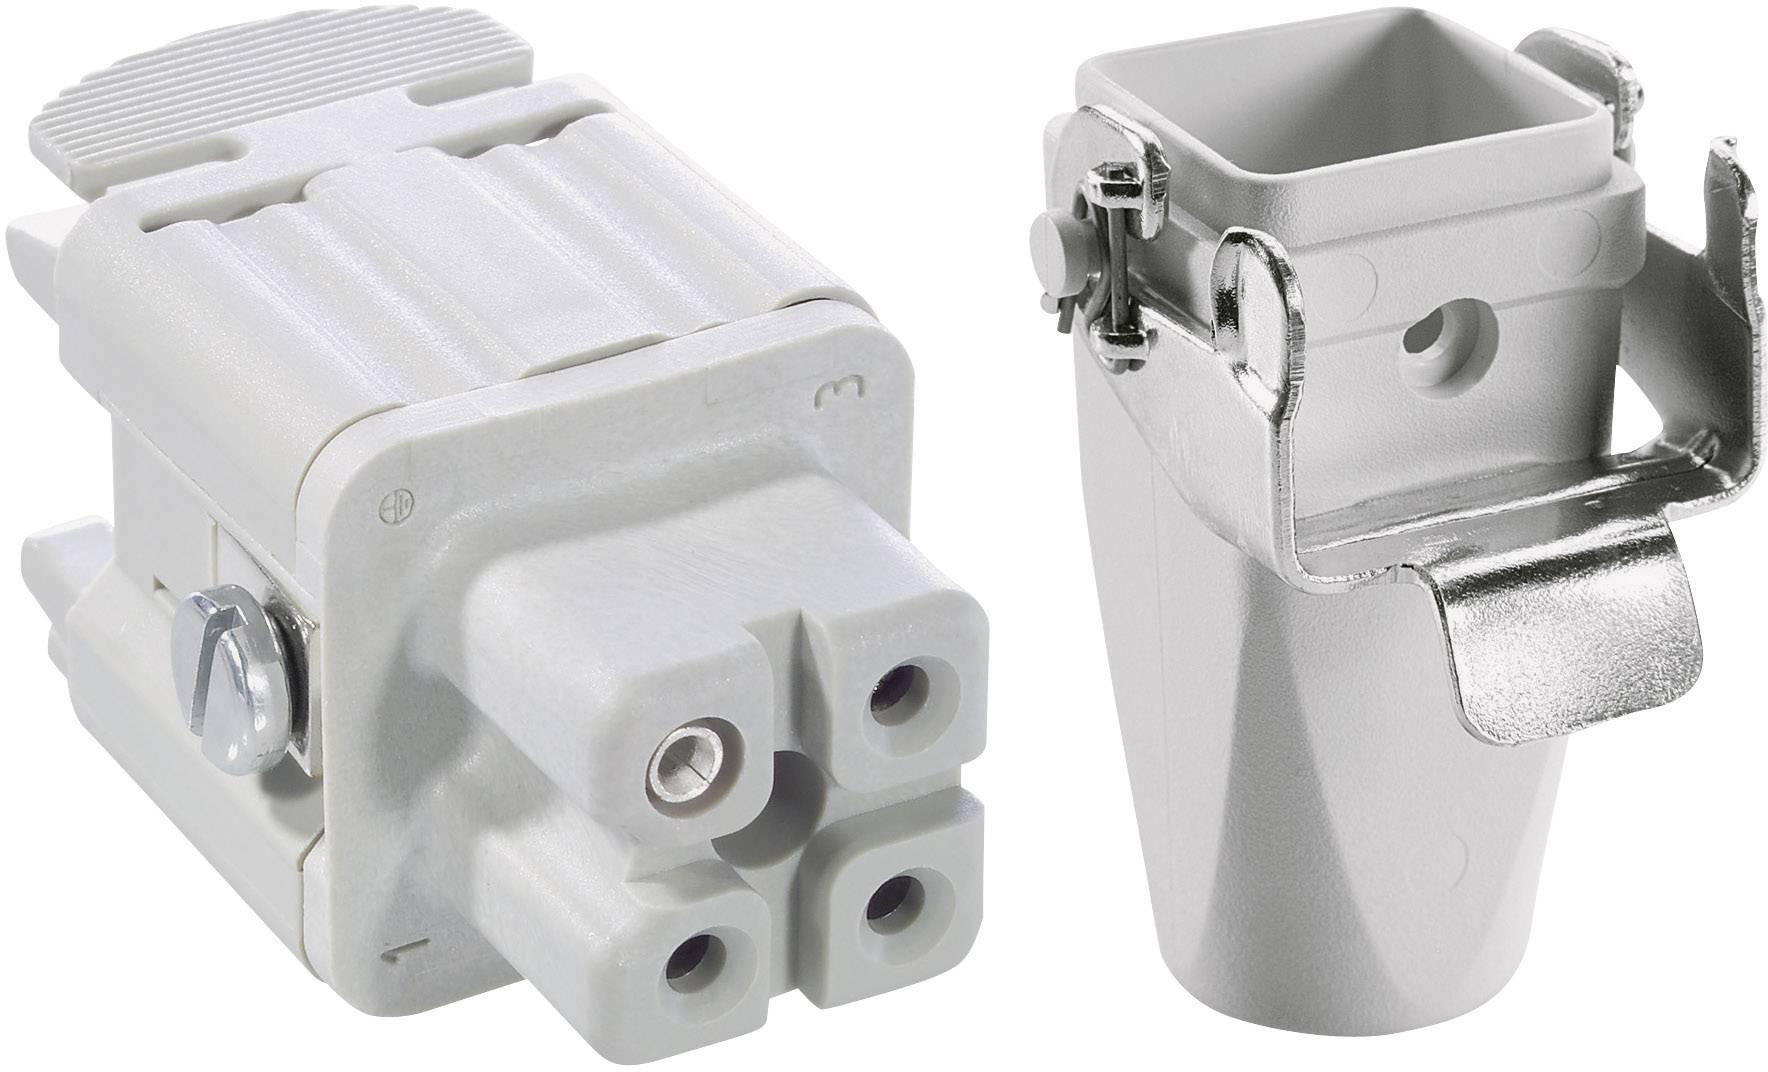 Sada konektorů EPIC®KIT H-A 3 75009611 LappKabel 3 + PE šroubovací 1 sada